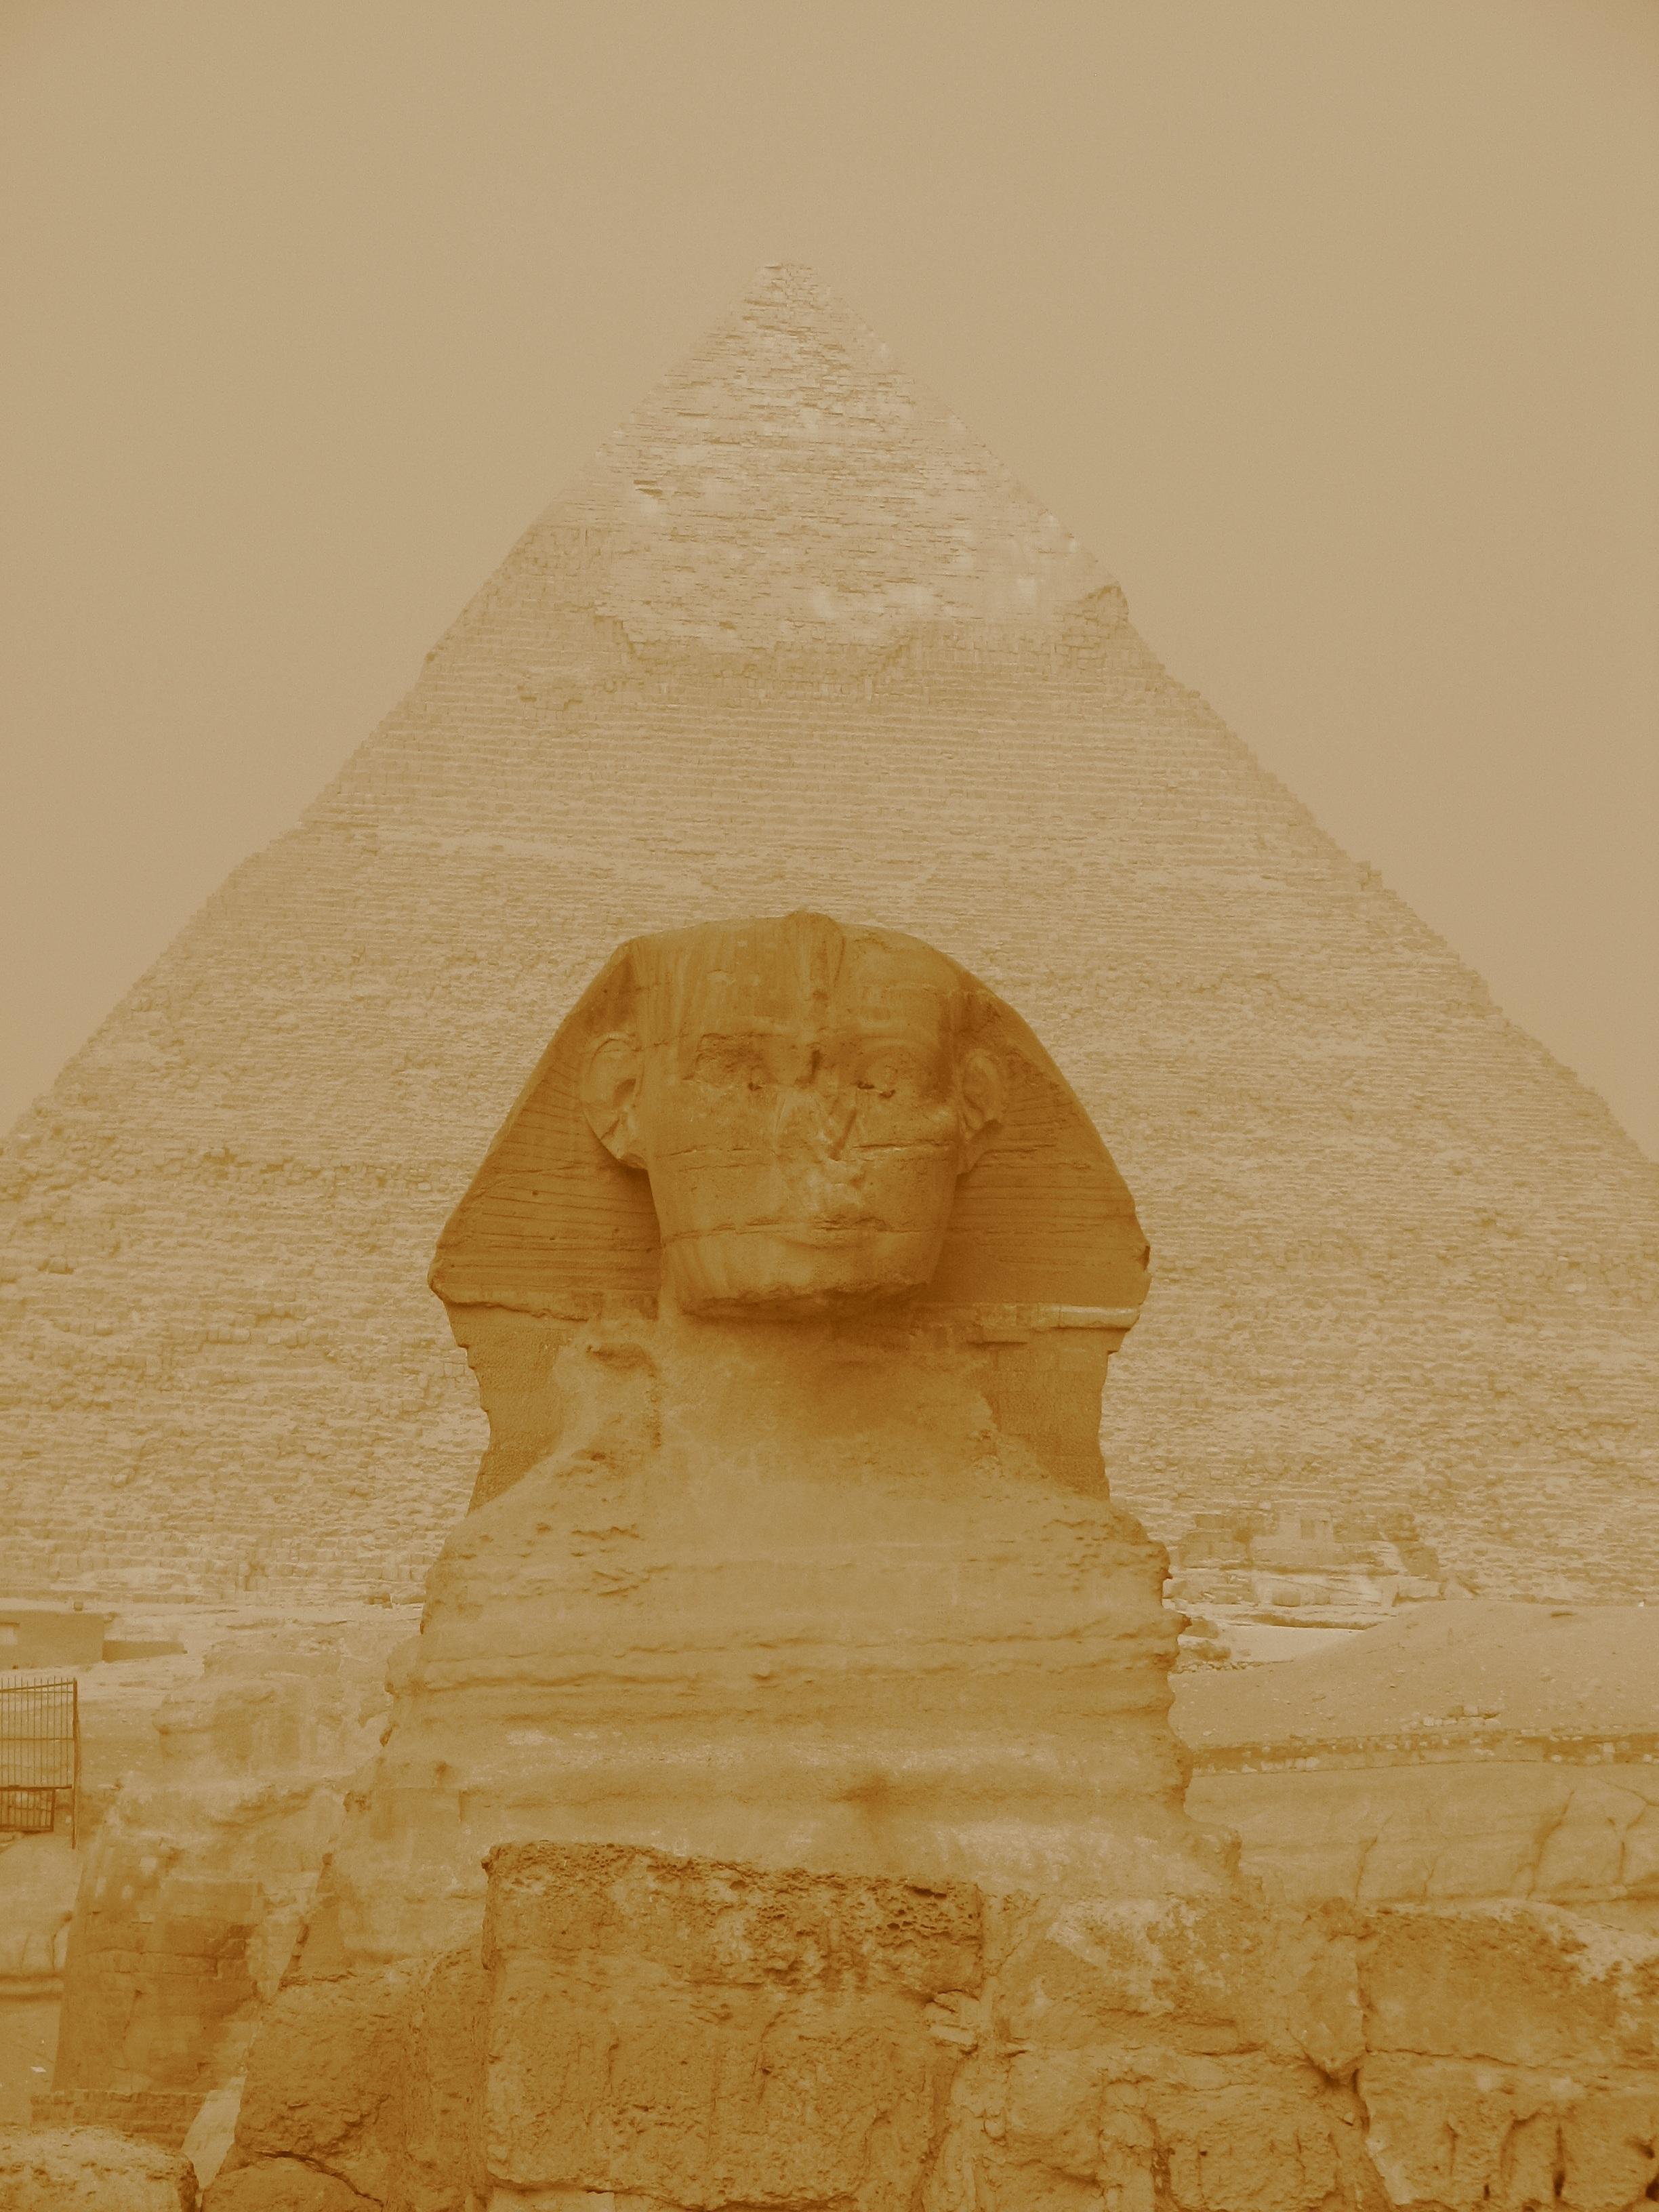 фото хорошо картинки египетских пирамид и фараонов распространяется